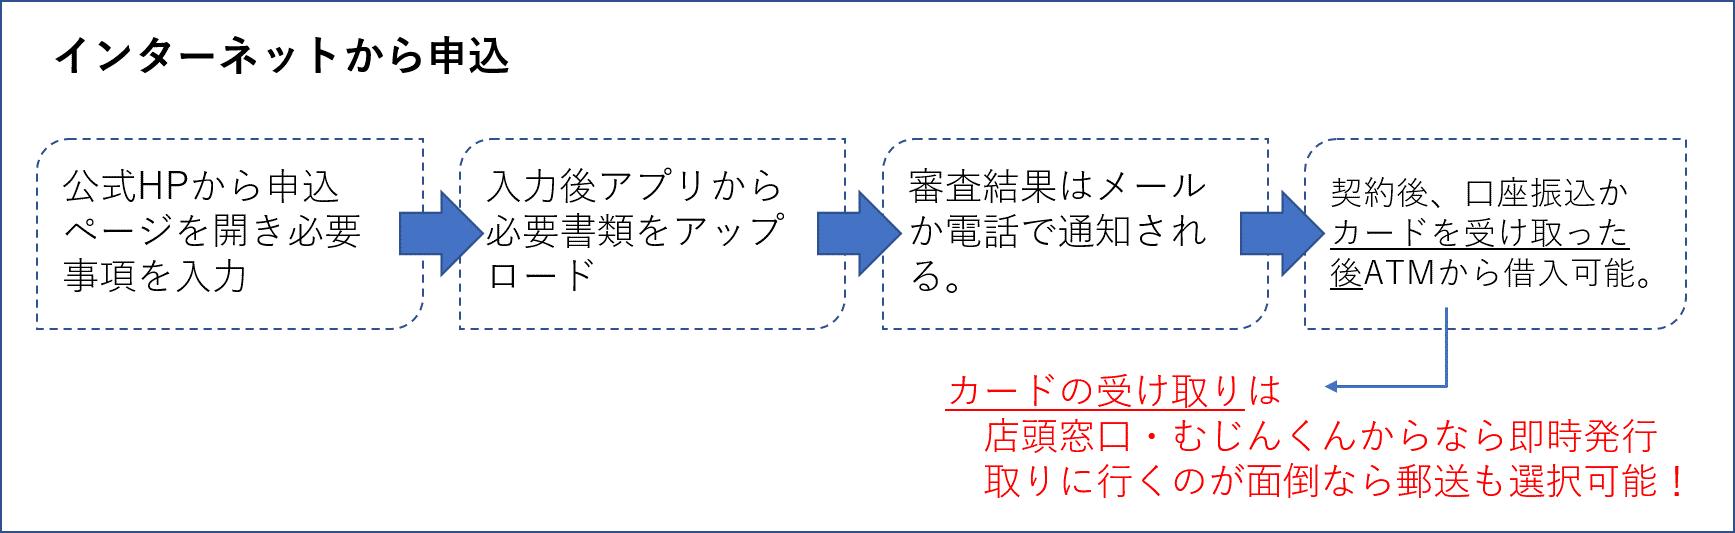 アコムの申込方法 インターネット